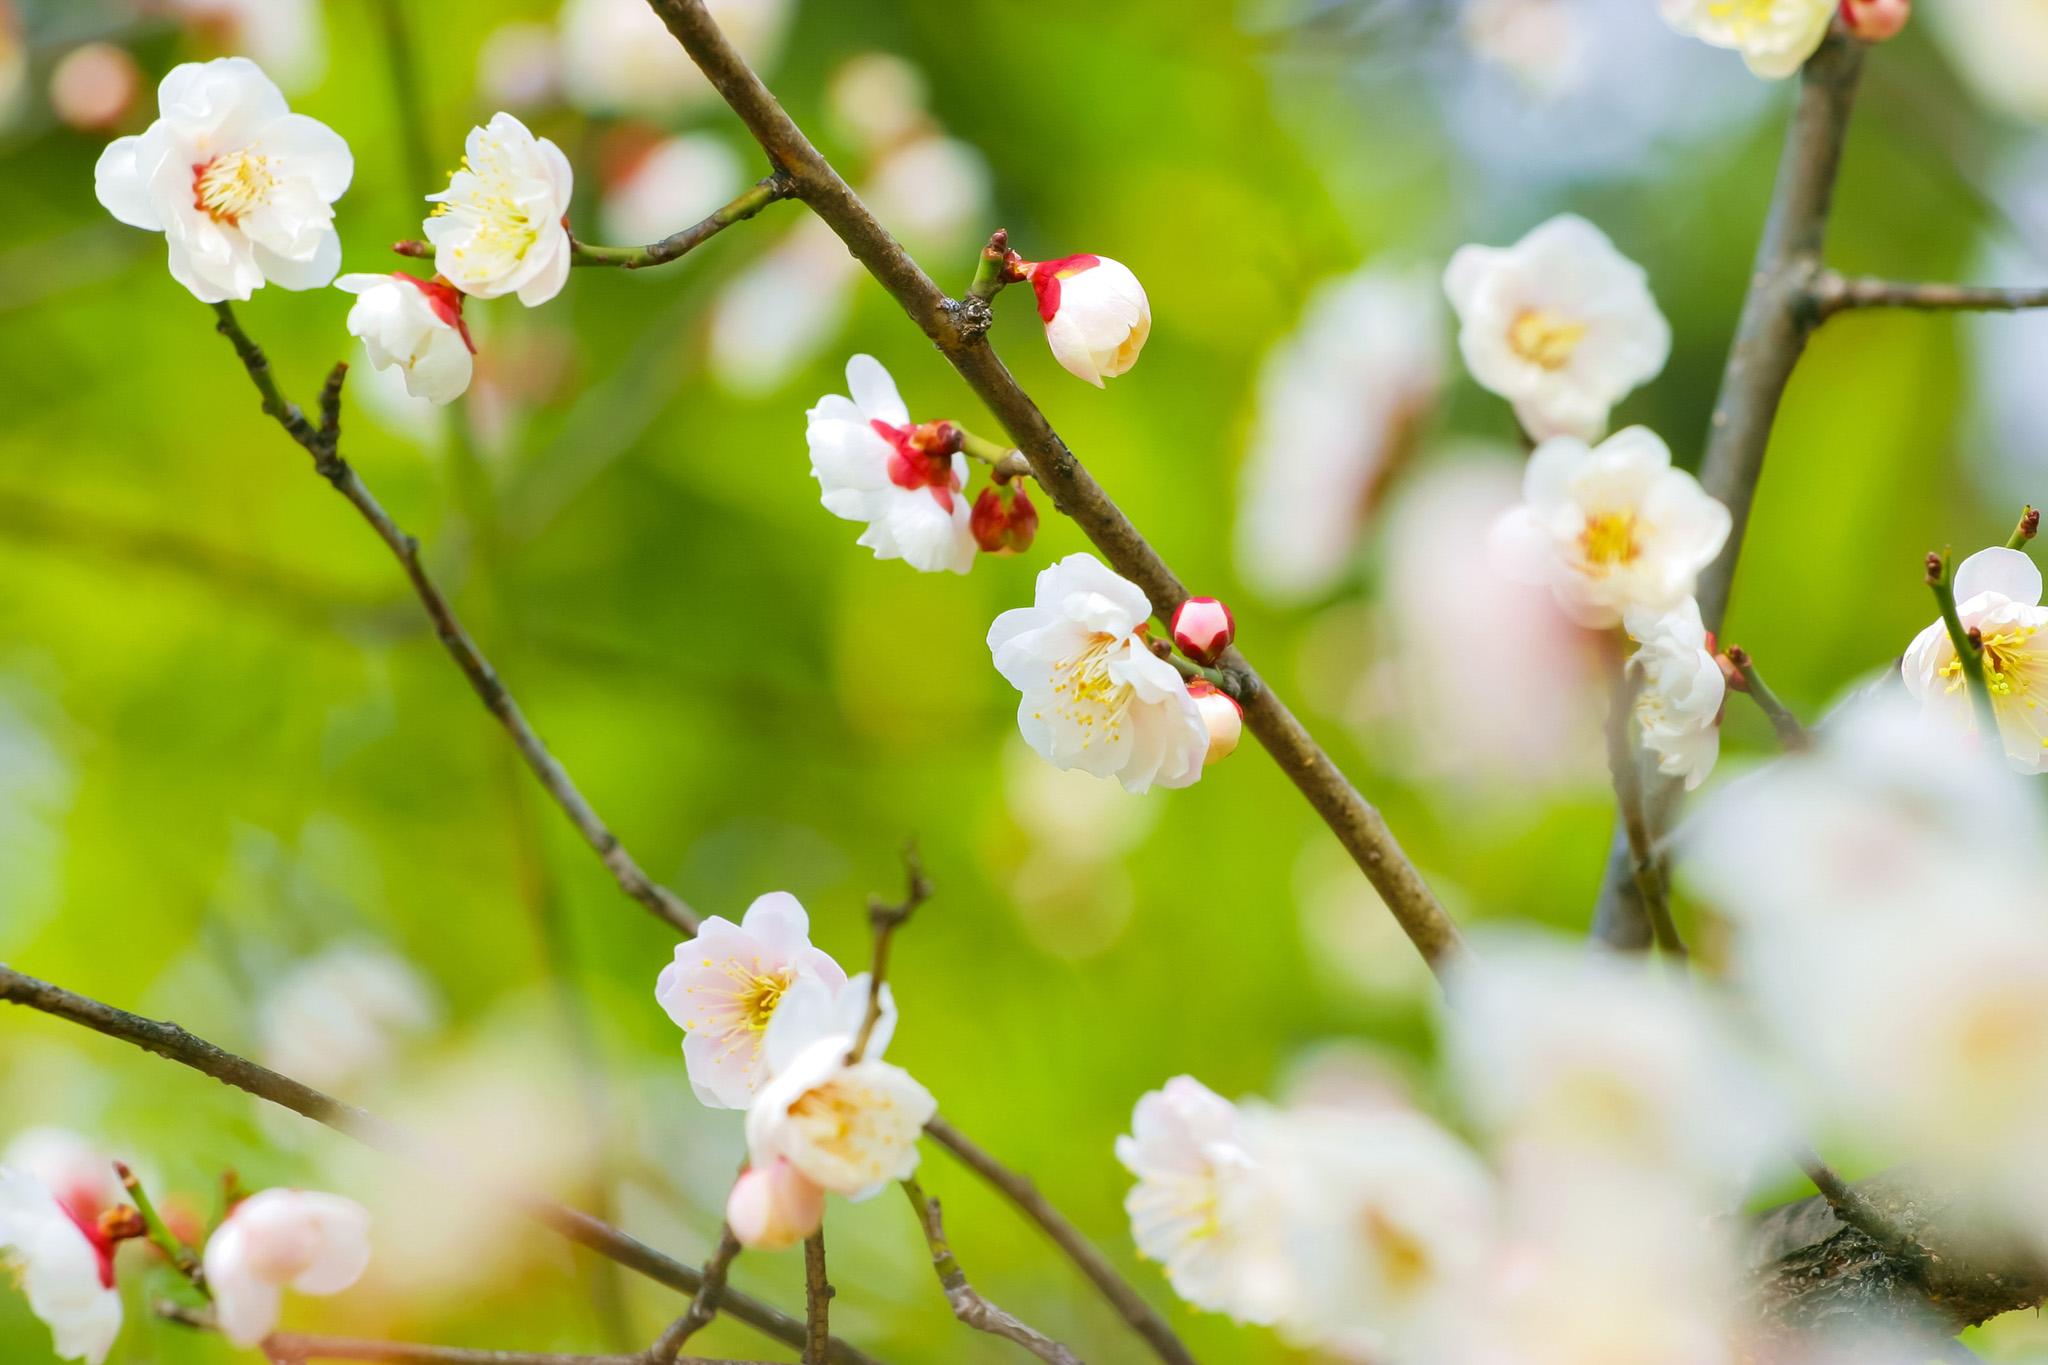 「梅と緑の和風素材」の素材を無料ダウンロード